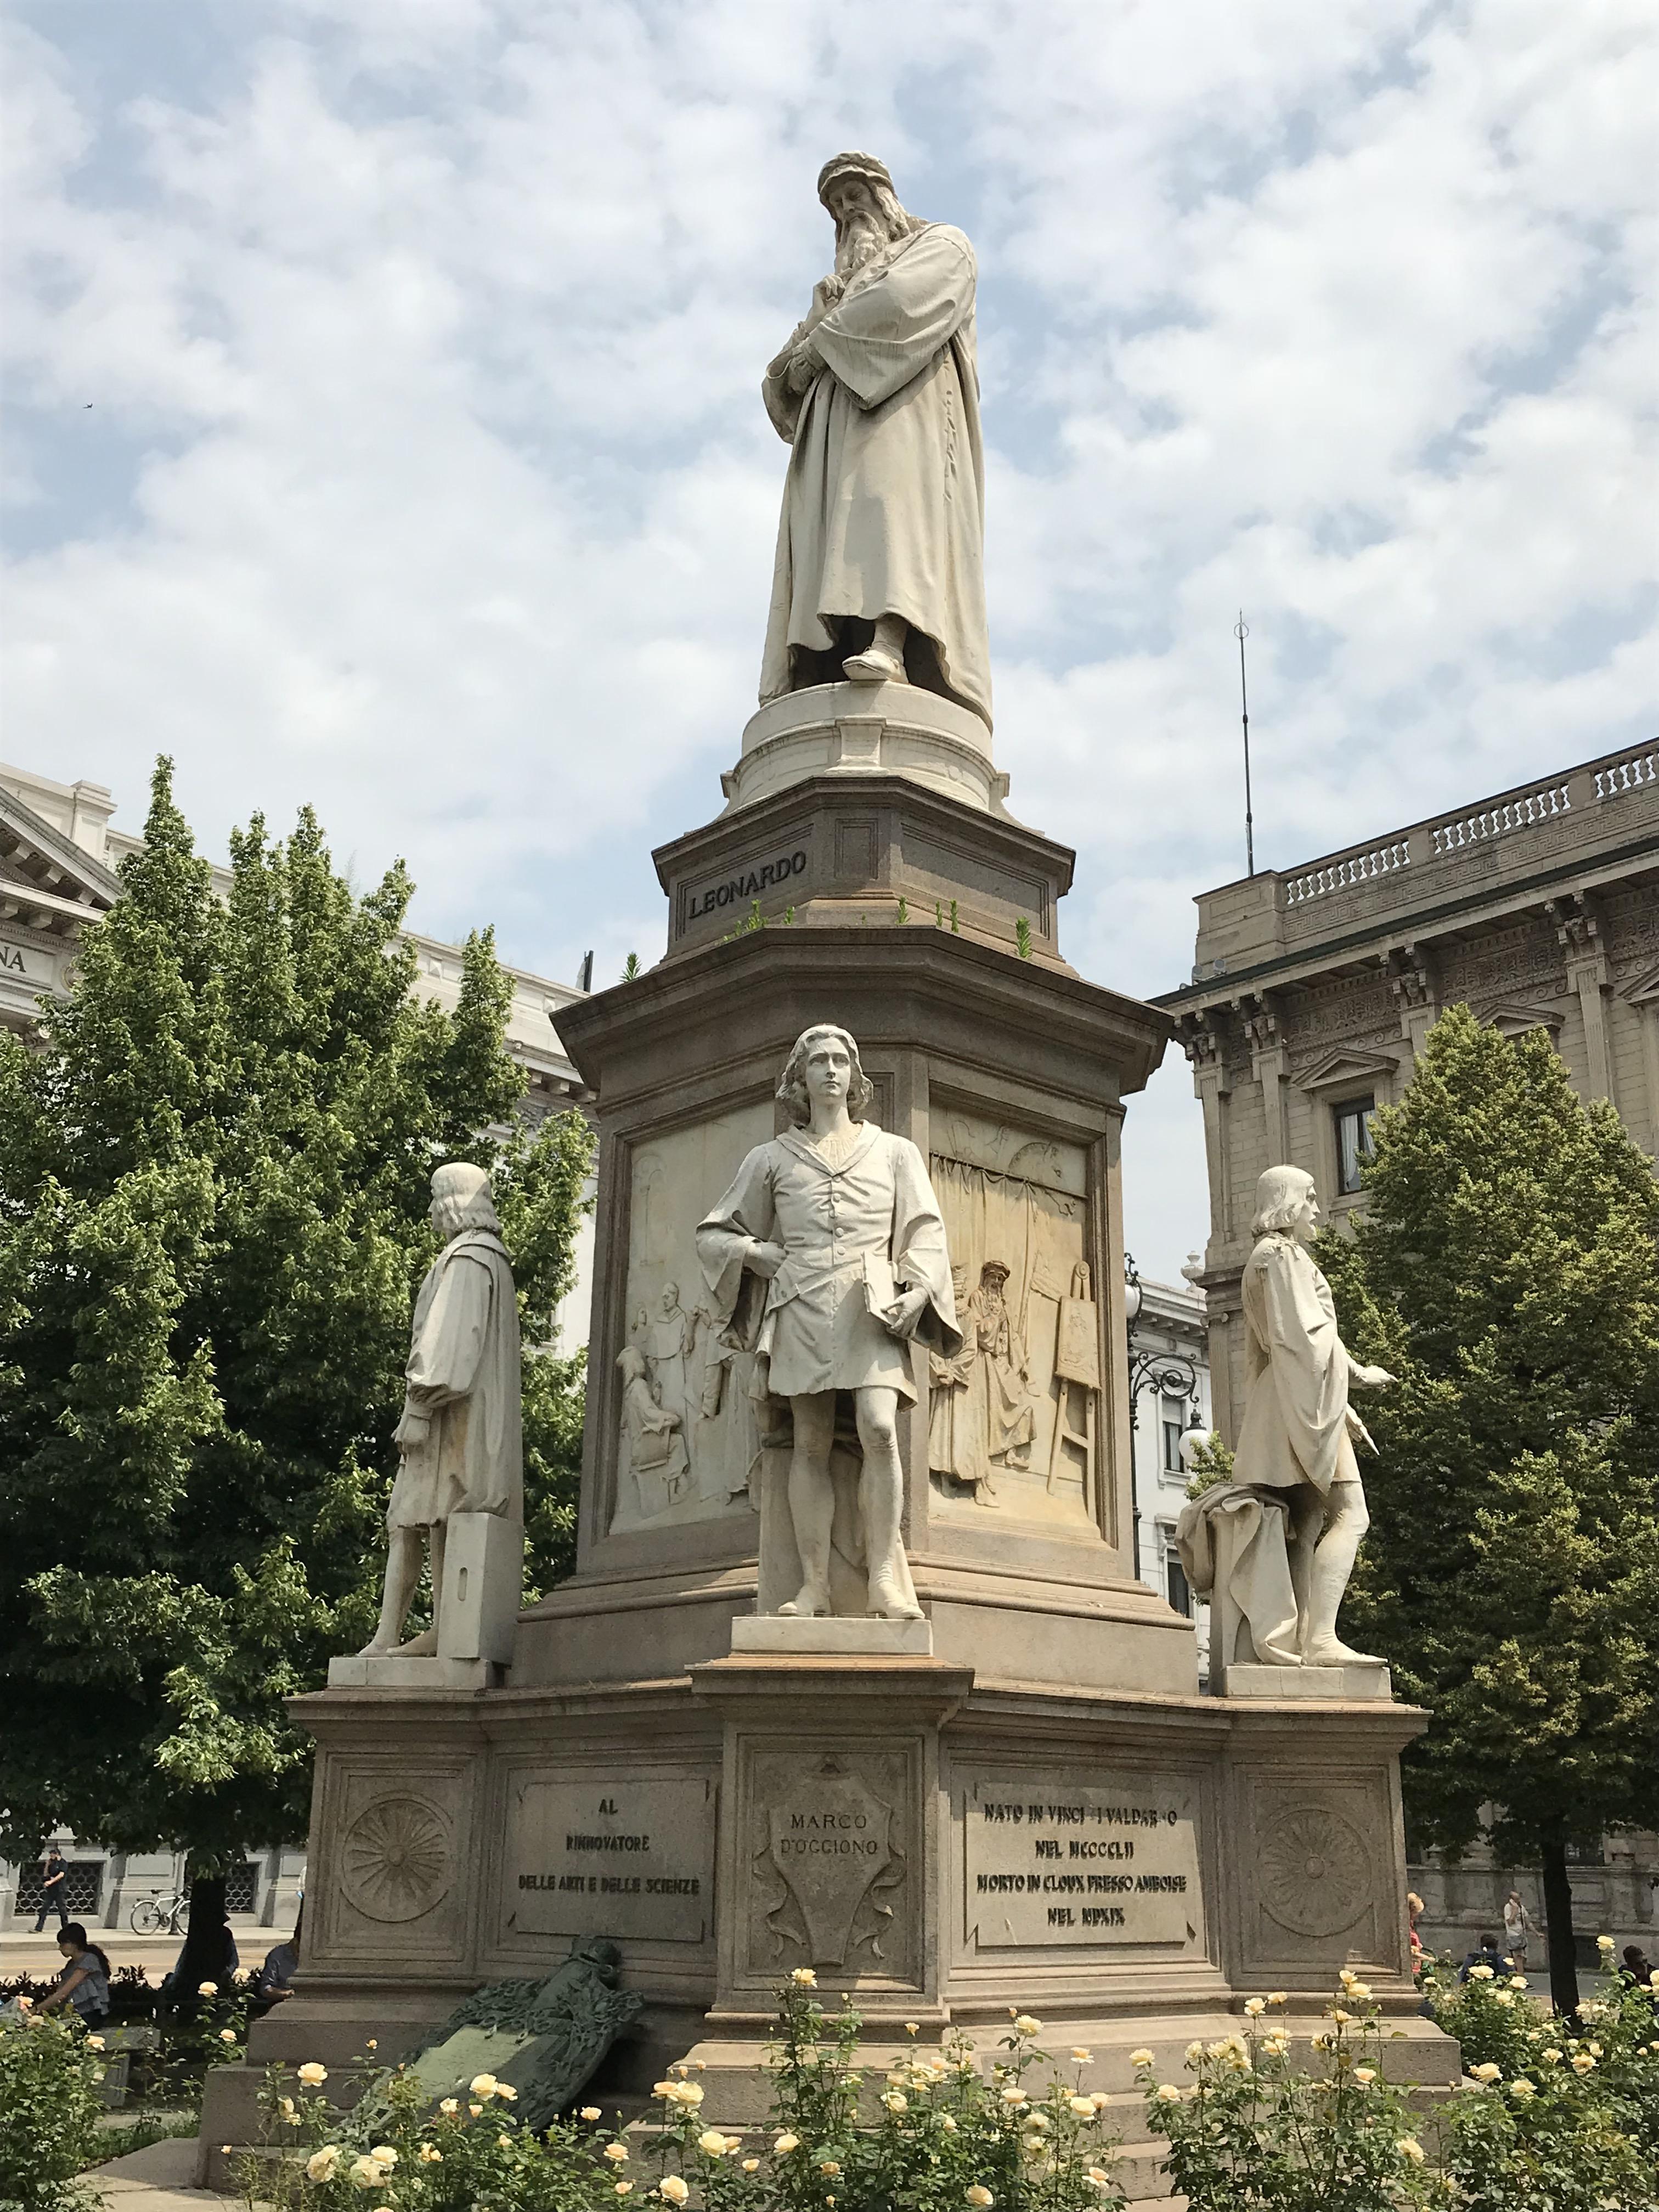 Leonardo da Vinci statue, Milan, Italy